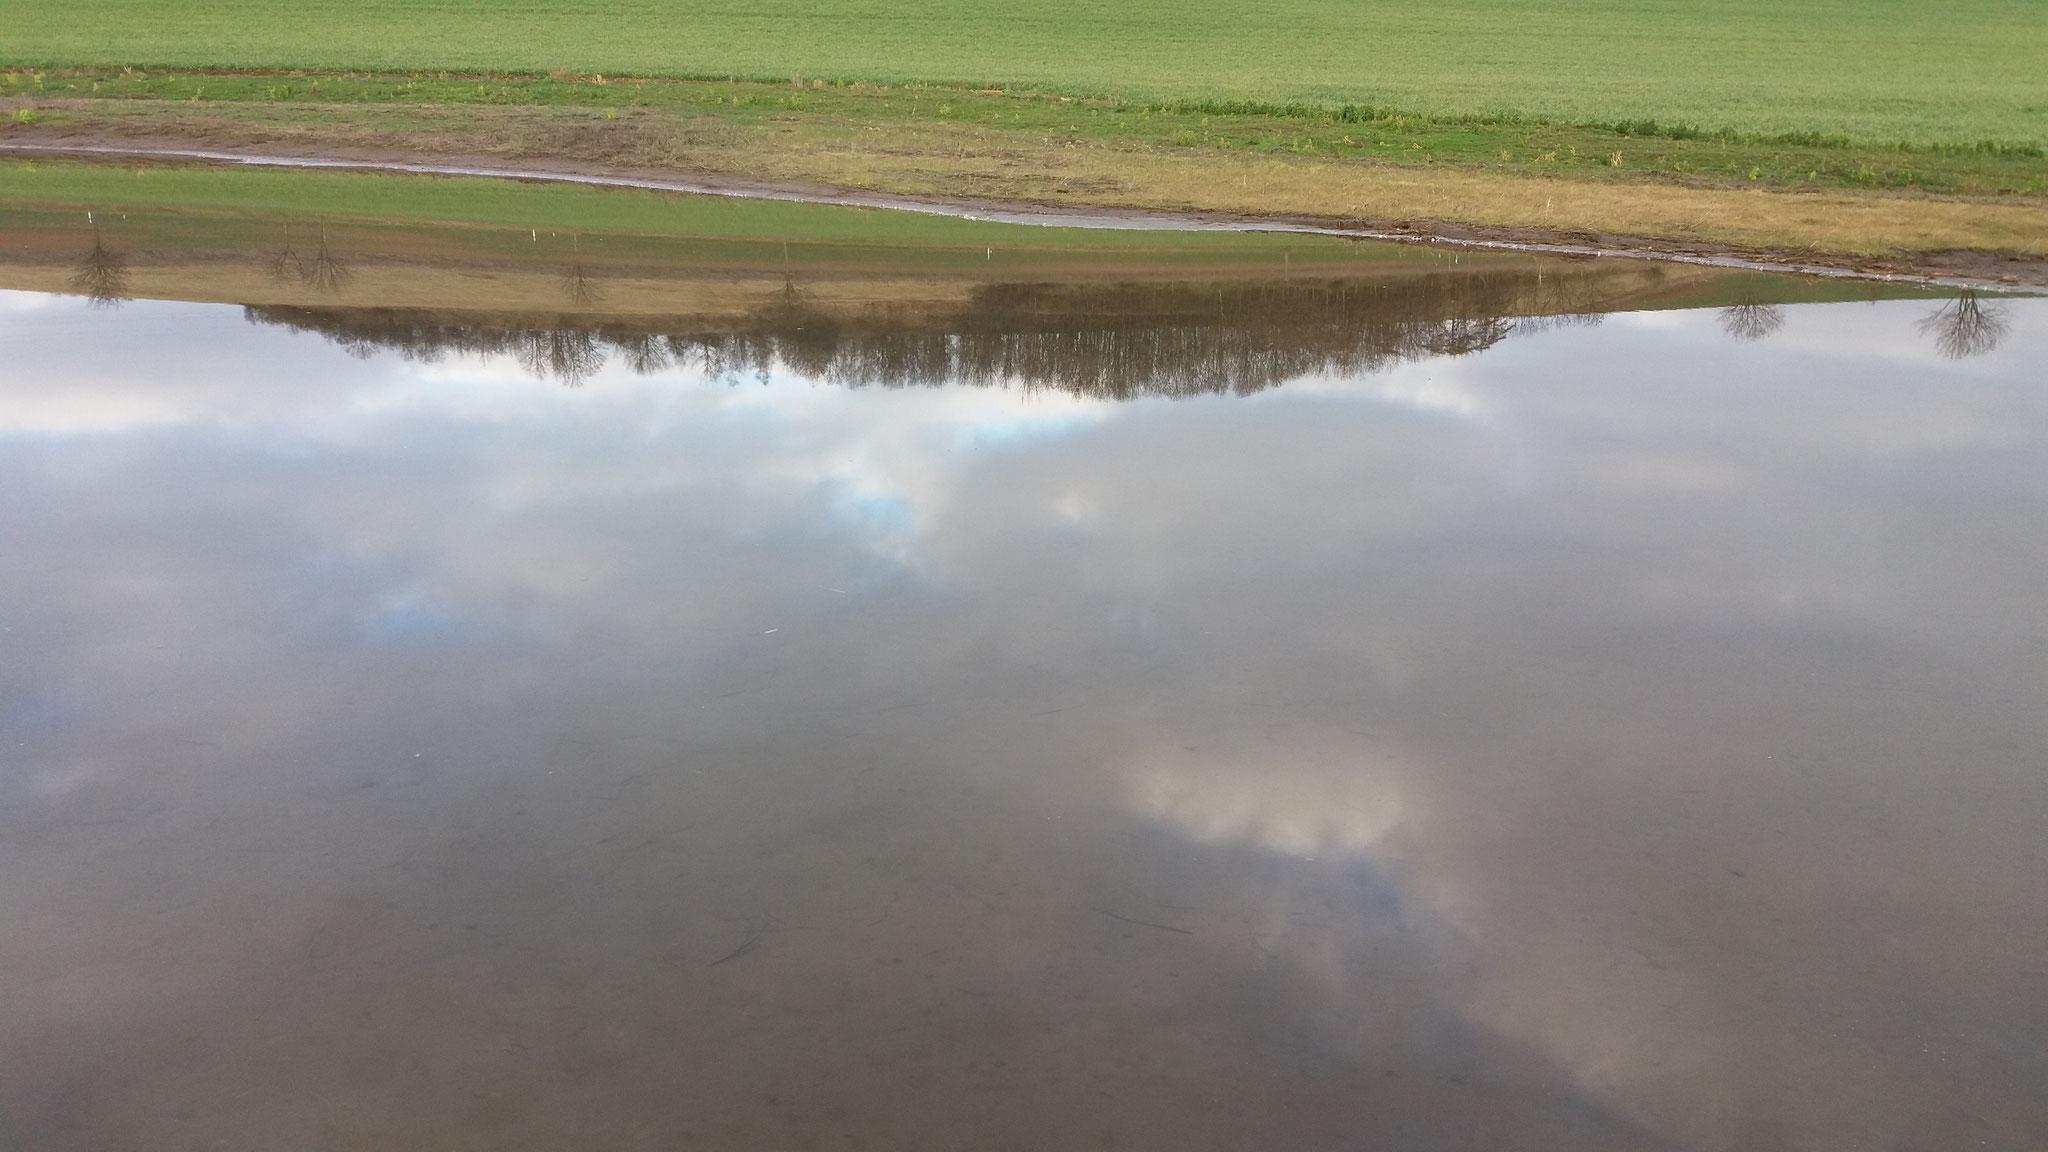 Stille Wasser sind nicht unbedingt tief - die Wasserfläche neben der Soltauqelle ist nur mehrere Zentimeter tief. Foto: ÖNSA/M.Neßmann